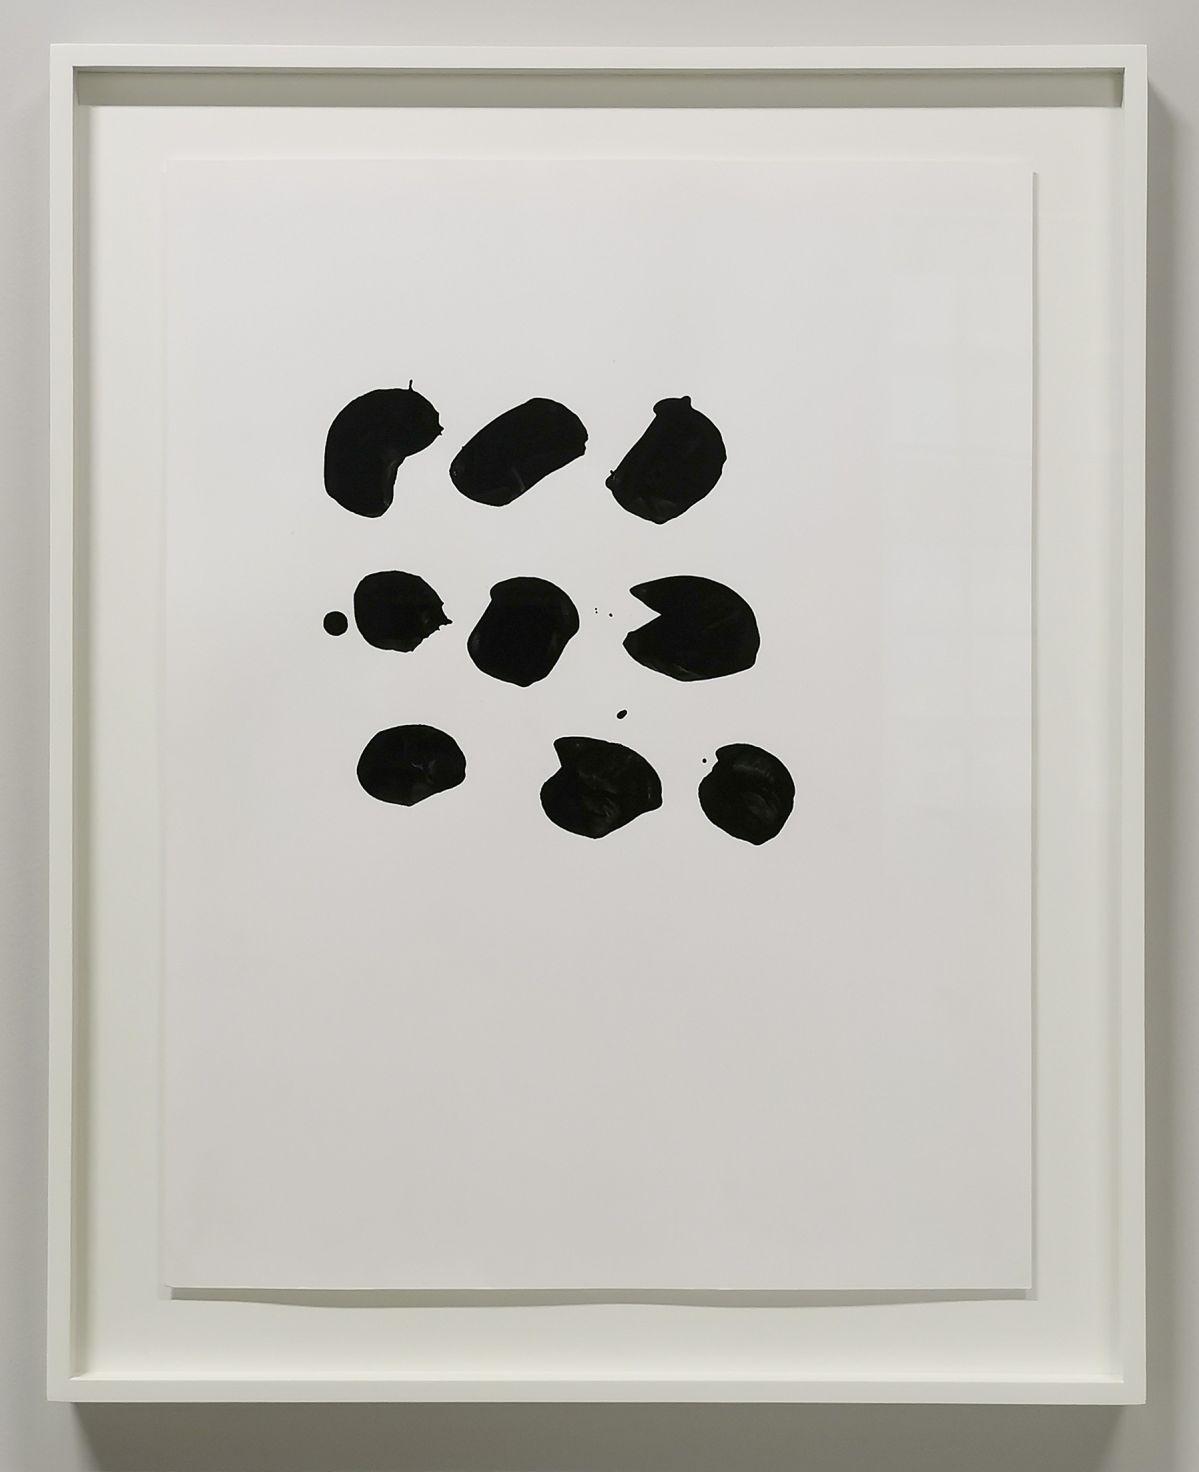 Pierrette Bloch - Sans titre, 1994 - Encre noire sur papier - Une Saison Contemporaine au Musée Fabre